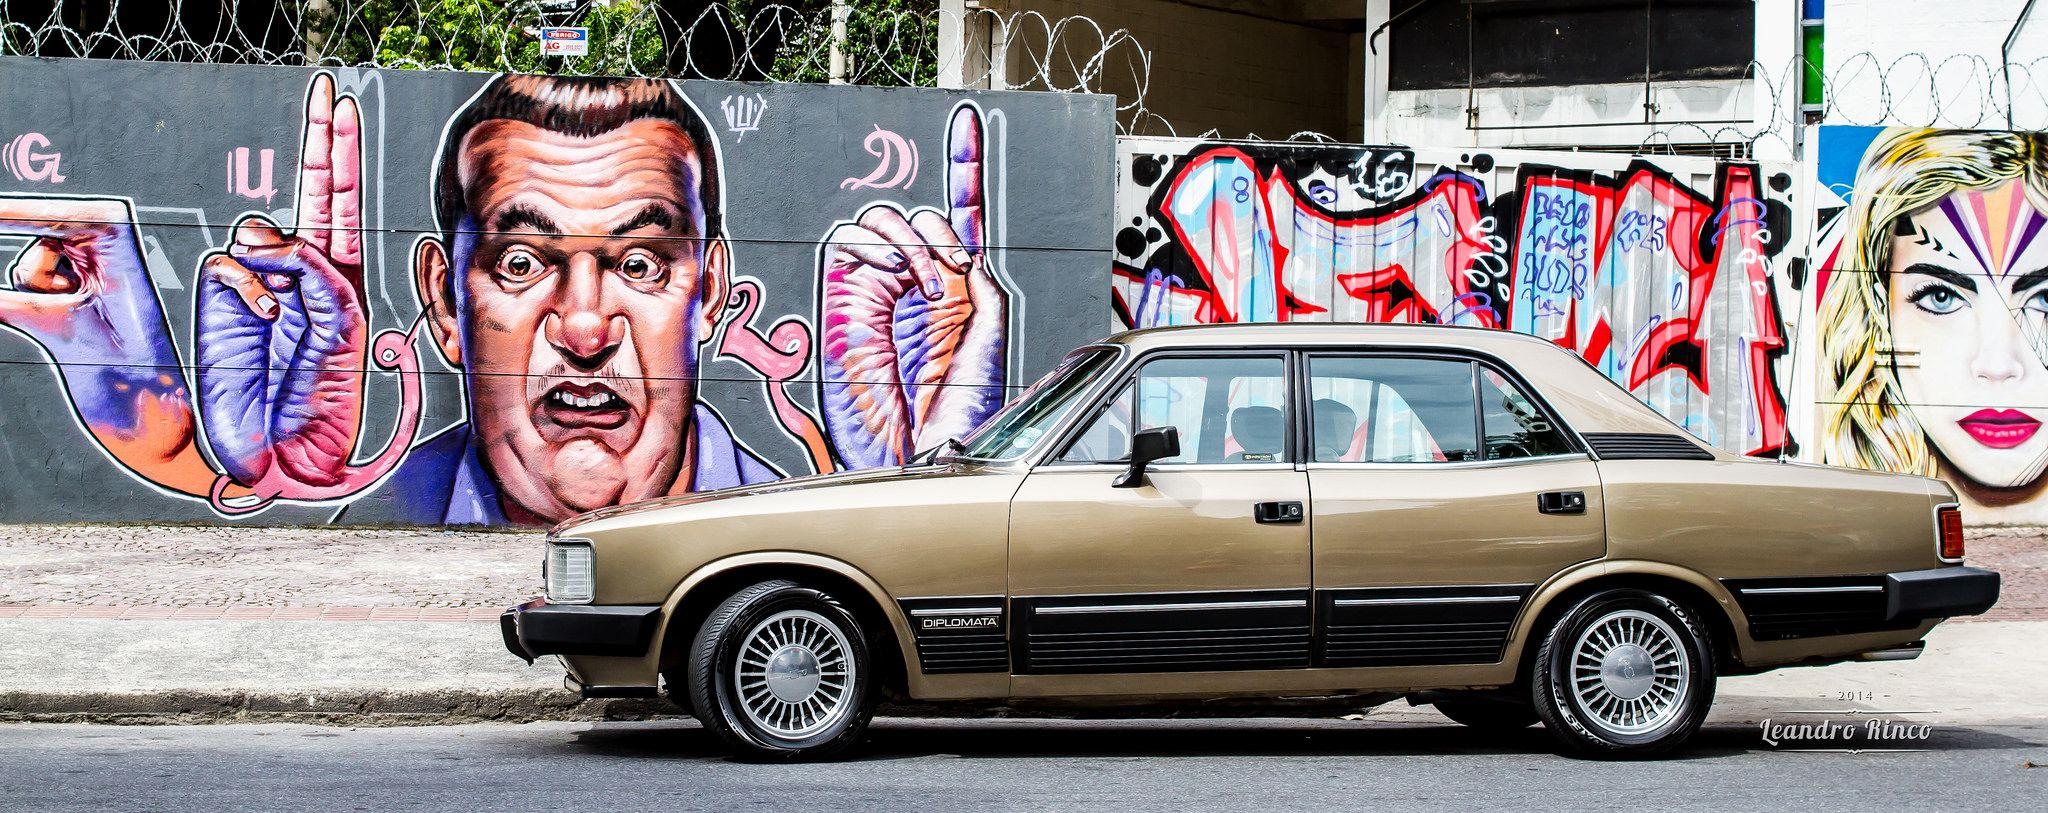 Chevrolet Opala Diplomata 4 1 S Opala Opala Caravan Chevrolet